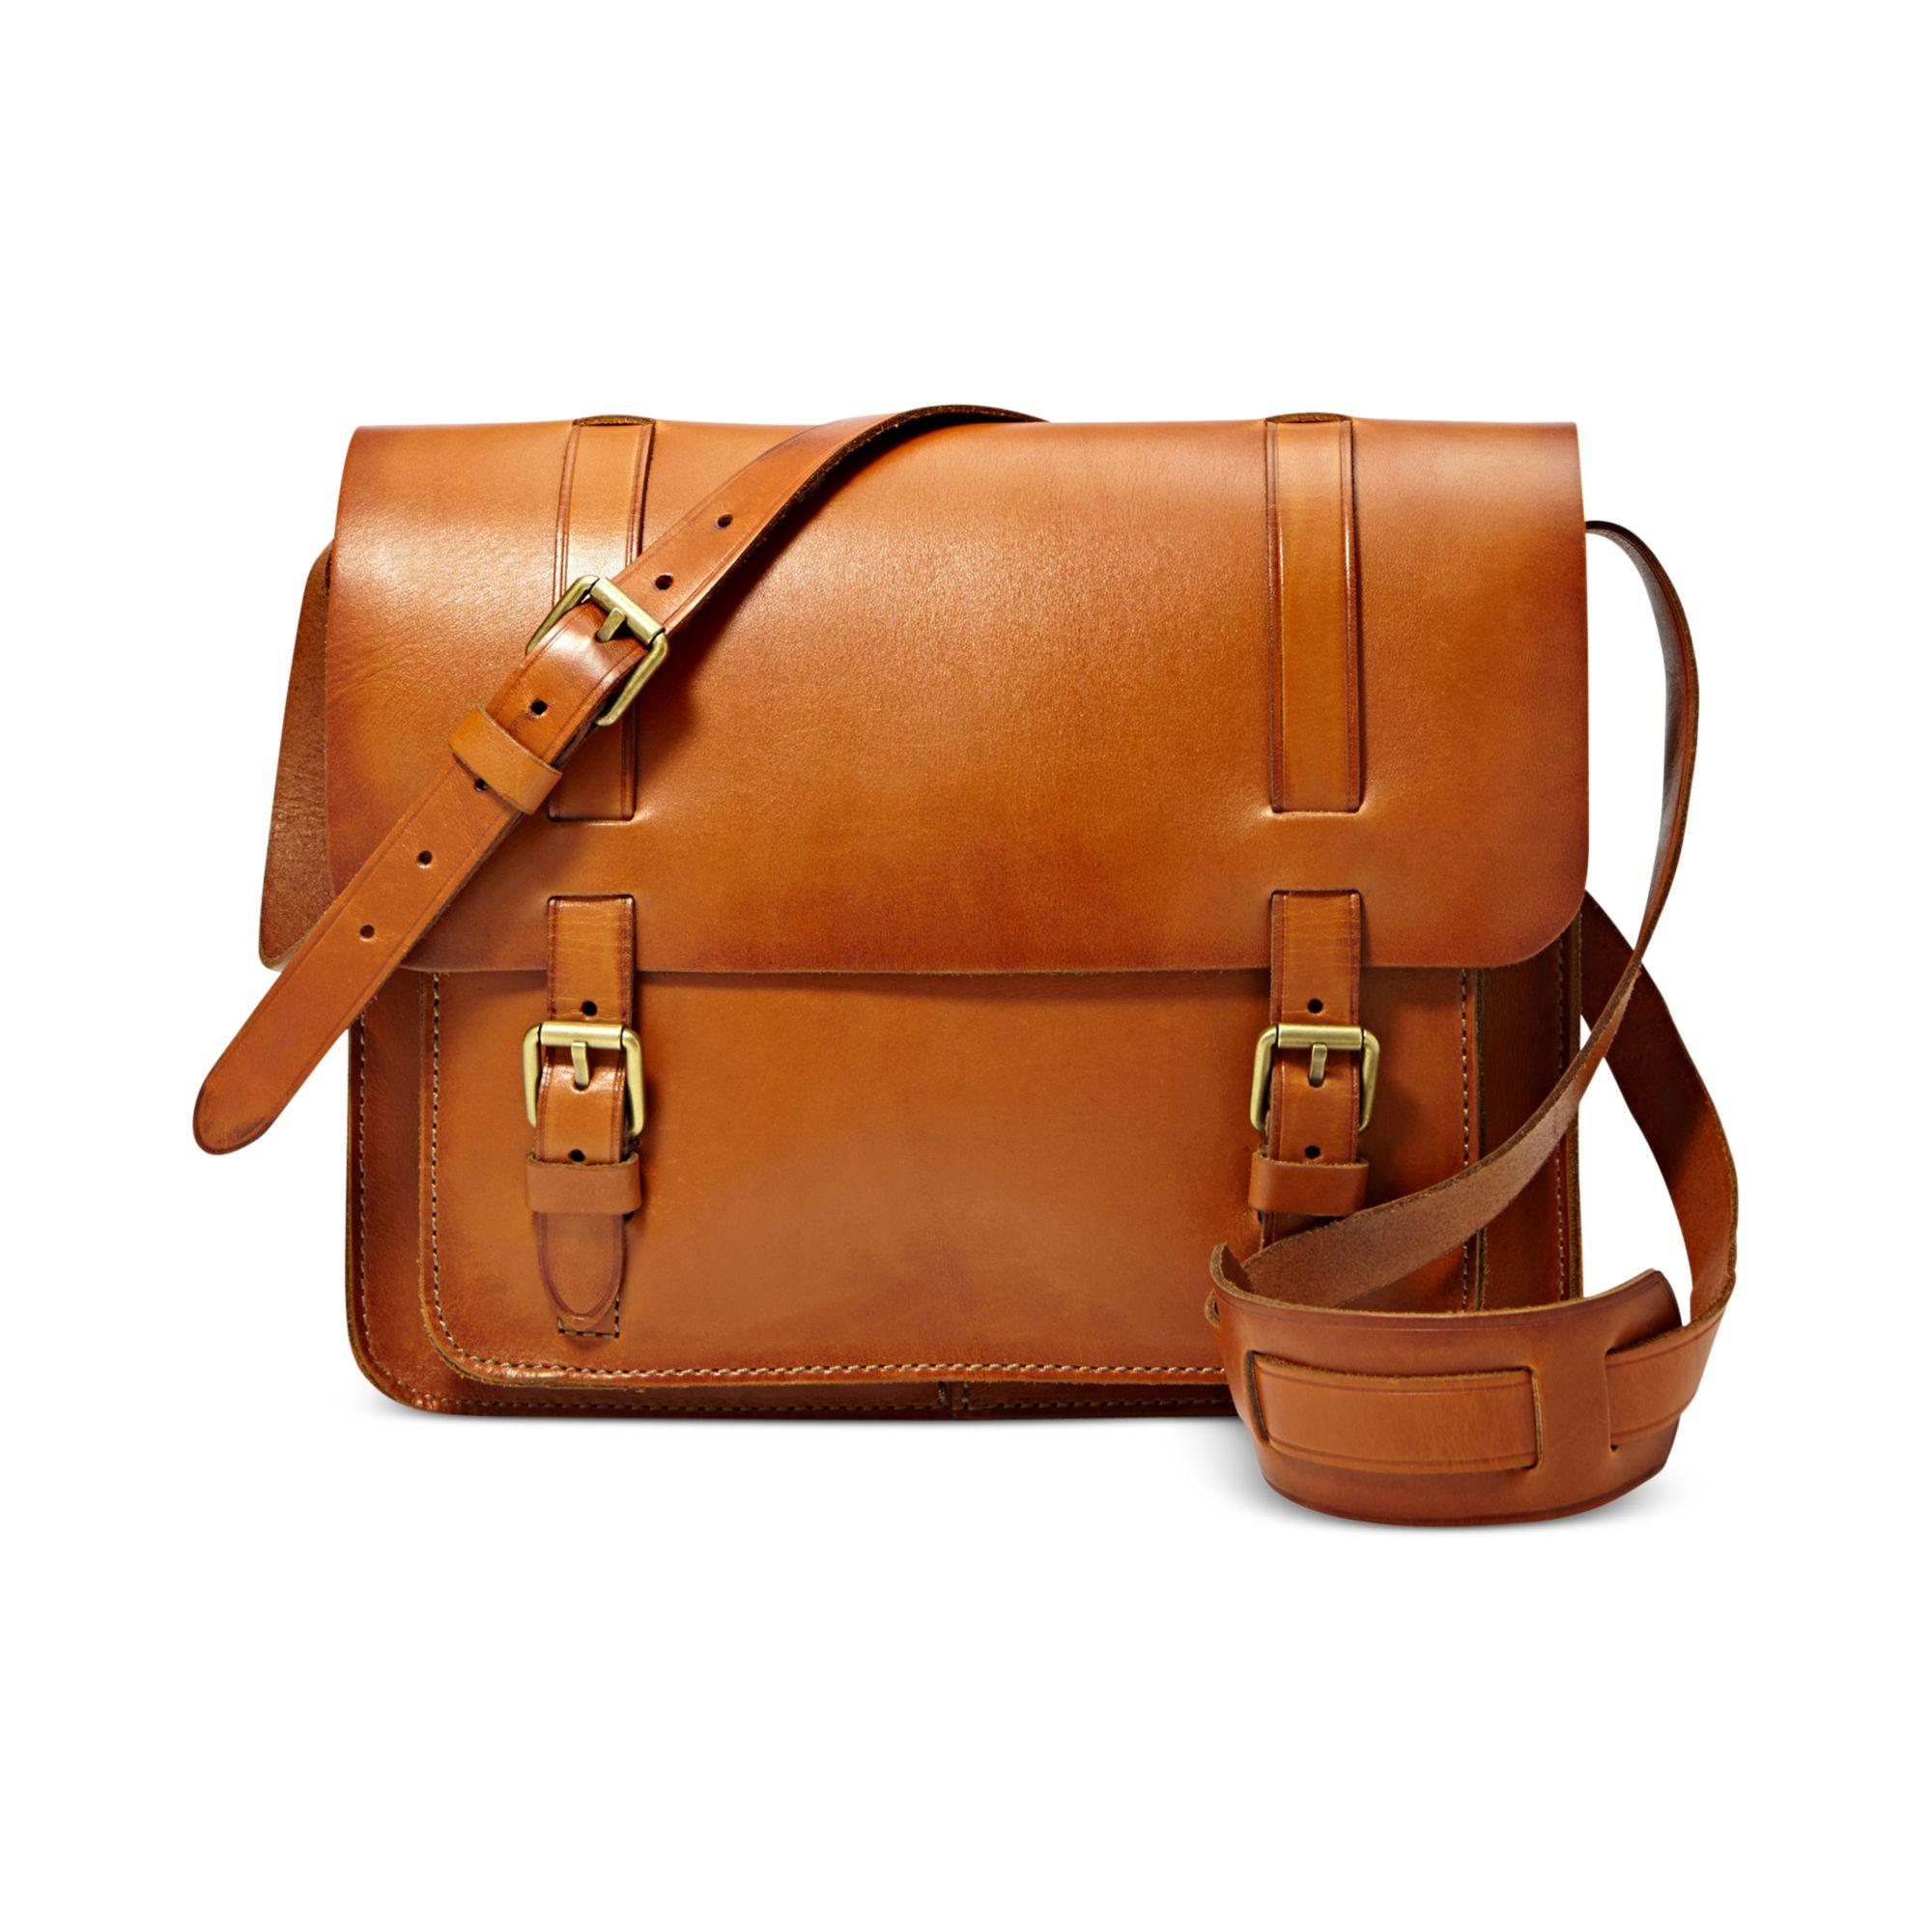 Lyst - Fossil Vintage Archive Messenger Bag in Brown for Men